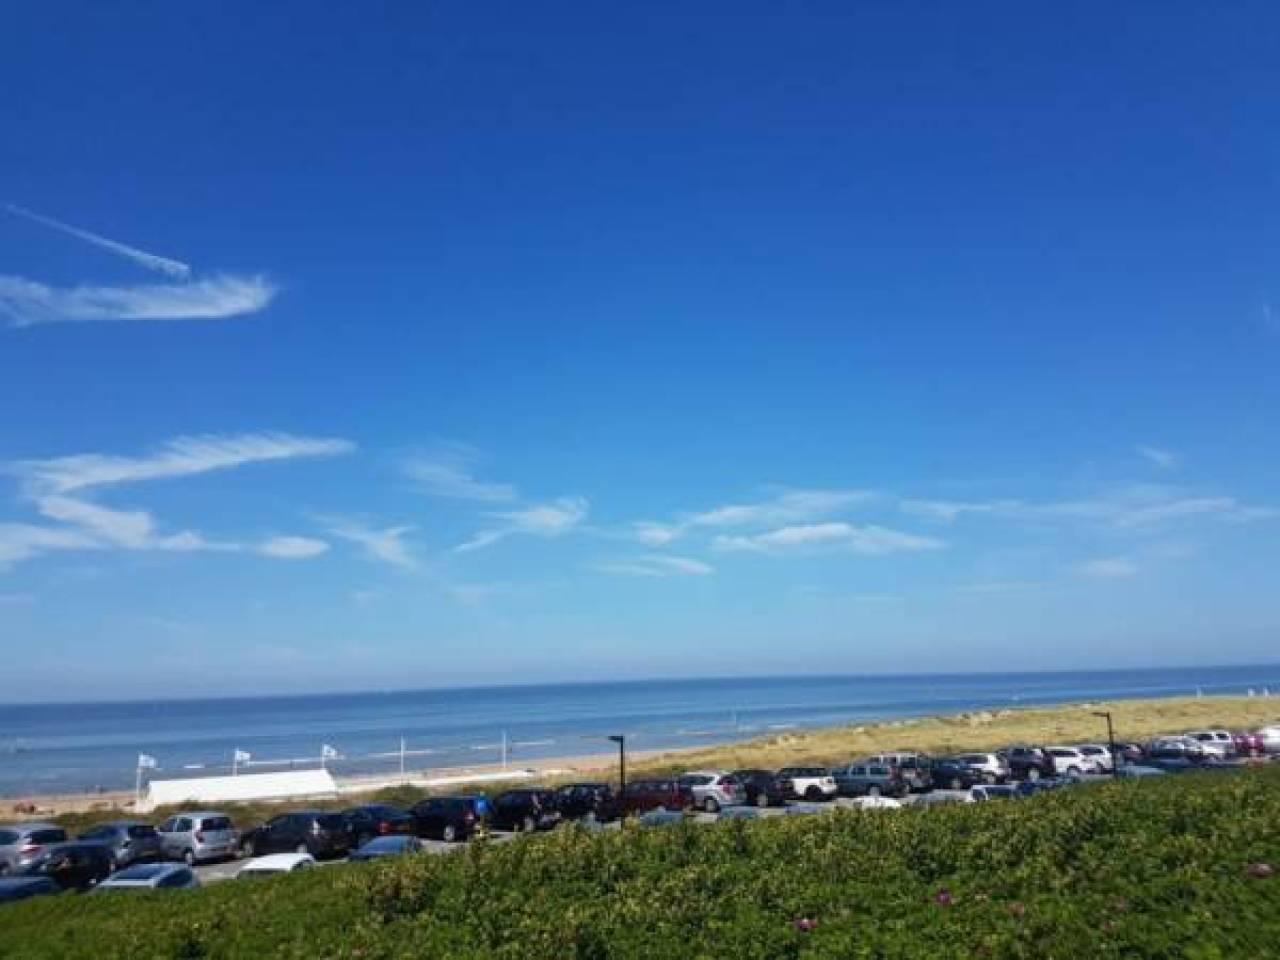 IMG 20170612 WA0023 - Beachclub Bries in Noordwijk aan zee